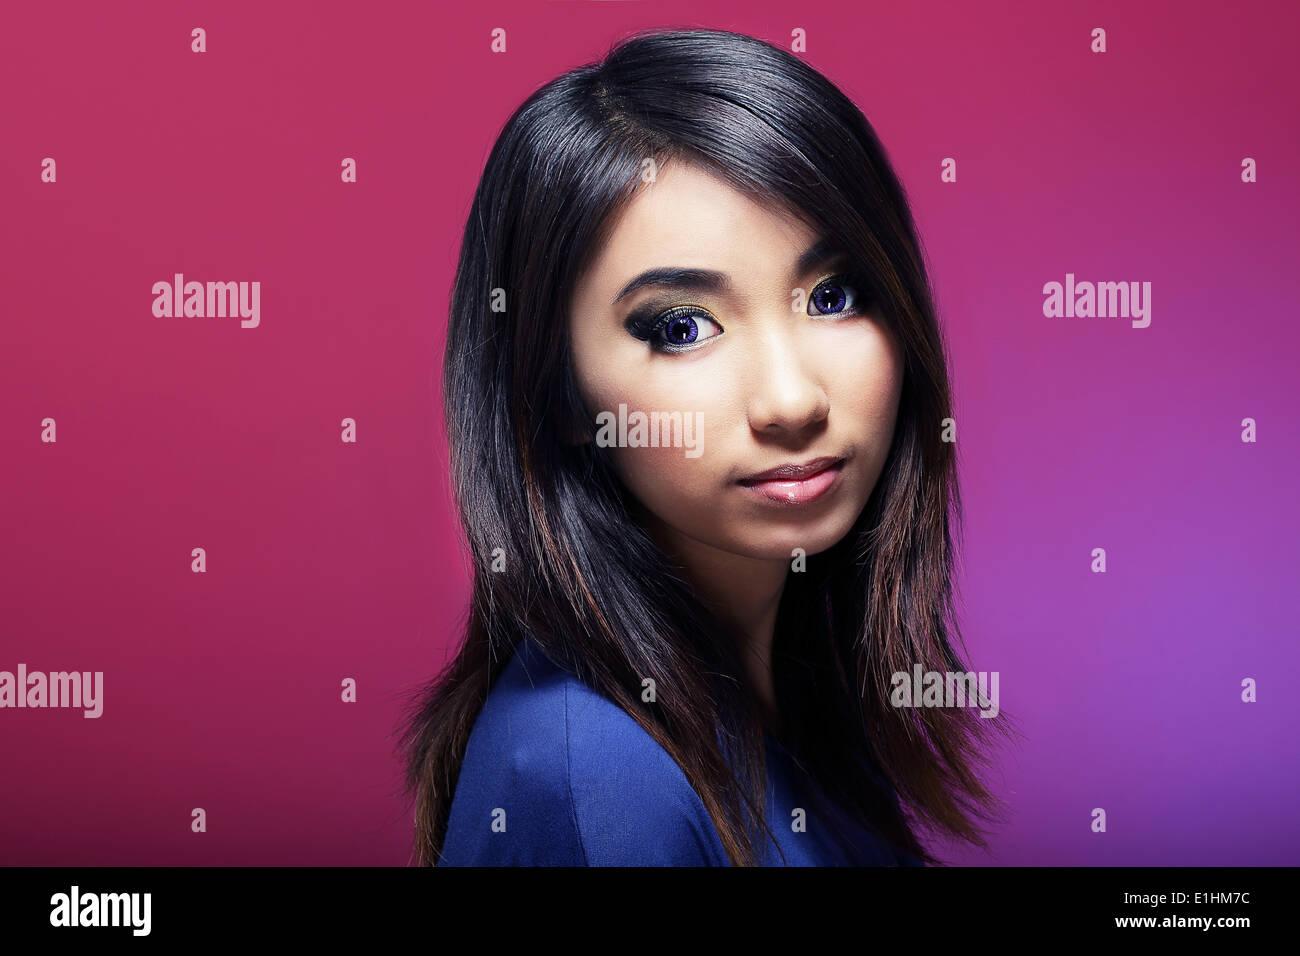 Braune Haare junge Frau über farbigen Hintergrund Stockbild